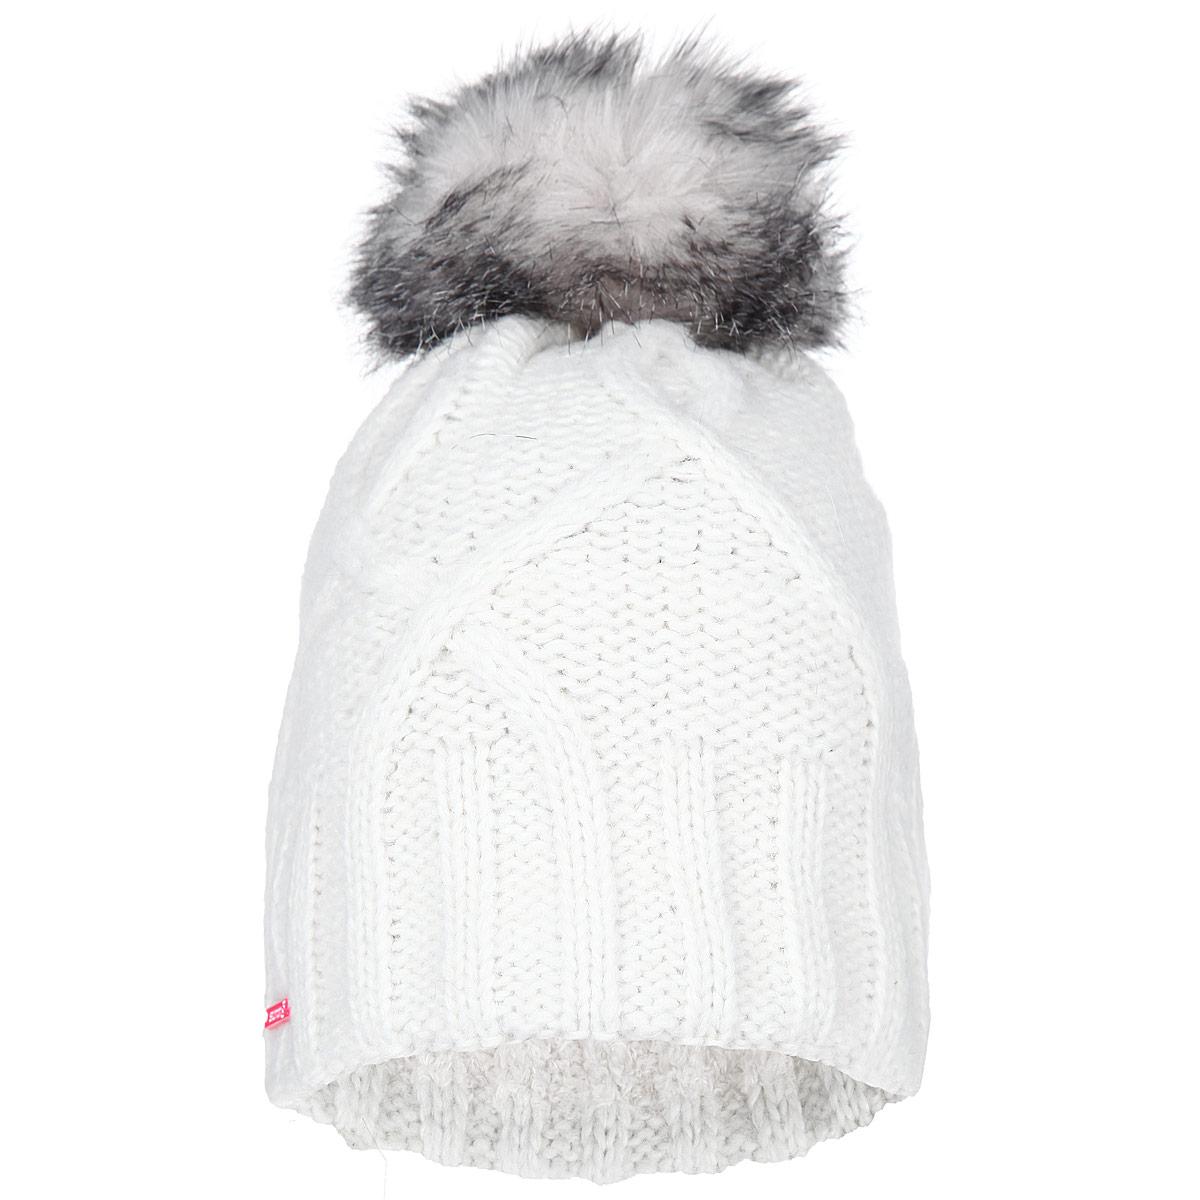 Шапка женская Ivy Beanie. L36616900L36616900Вязаная шапка Salomon Ivy Beanie, выполненная из акрилика и шерсти, отличается женственным дизайном, а флисовая подкладка и шерстяная вязка подарят вам комфорт и тепло. Шапка оформлена помпоном из искусственного меха. Такая шапка составит идеальный комплект с верхней одеждой.